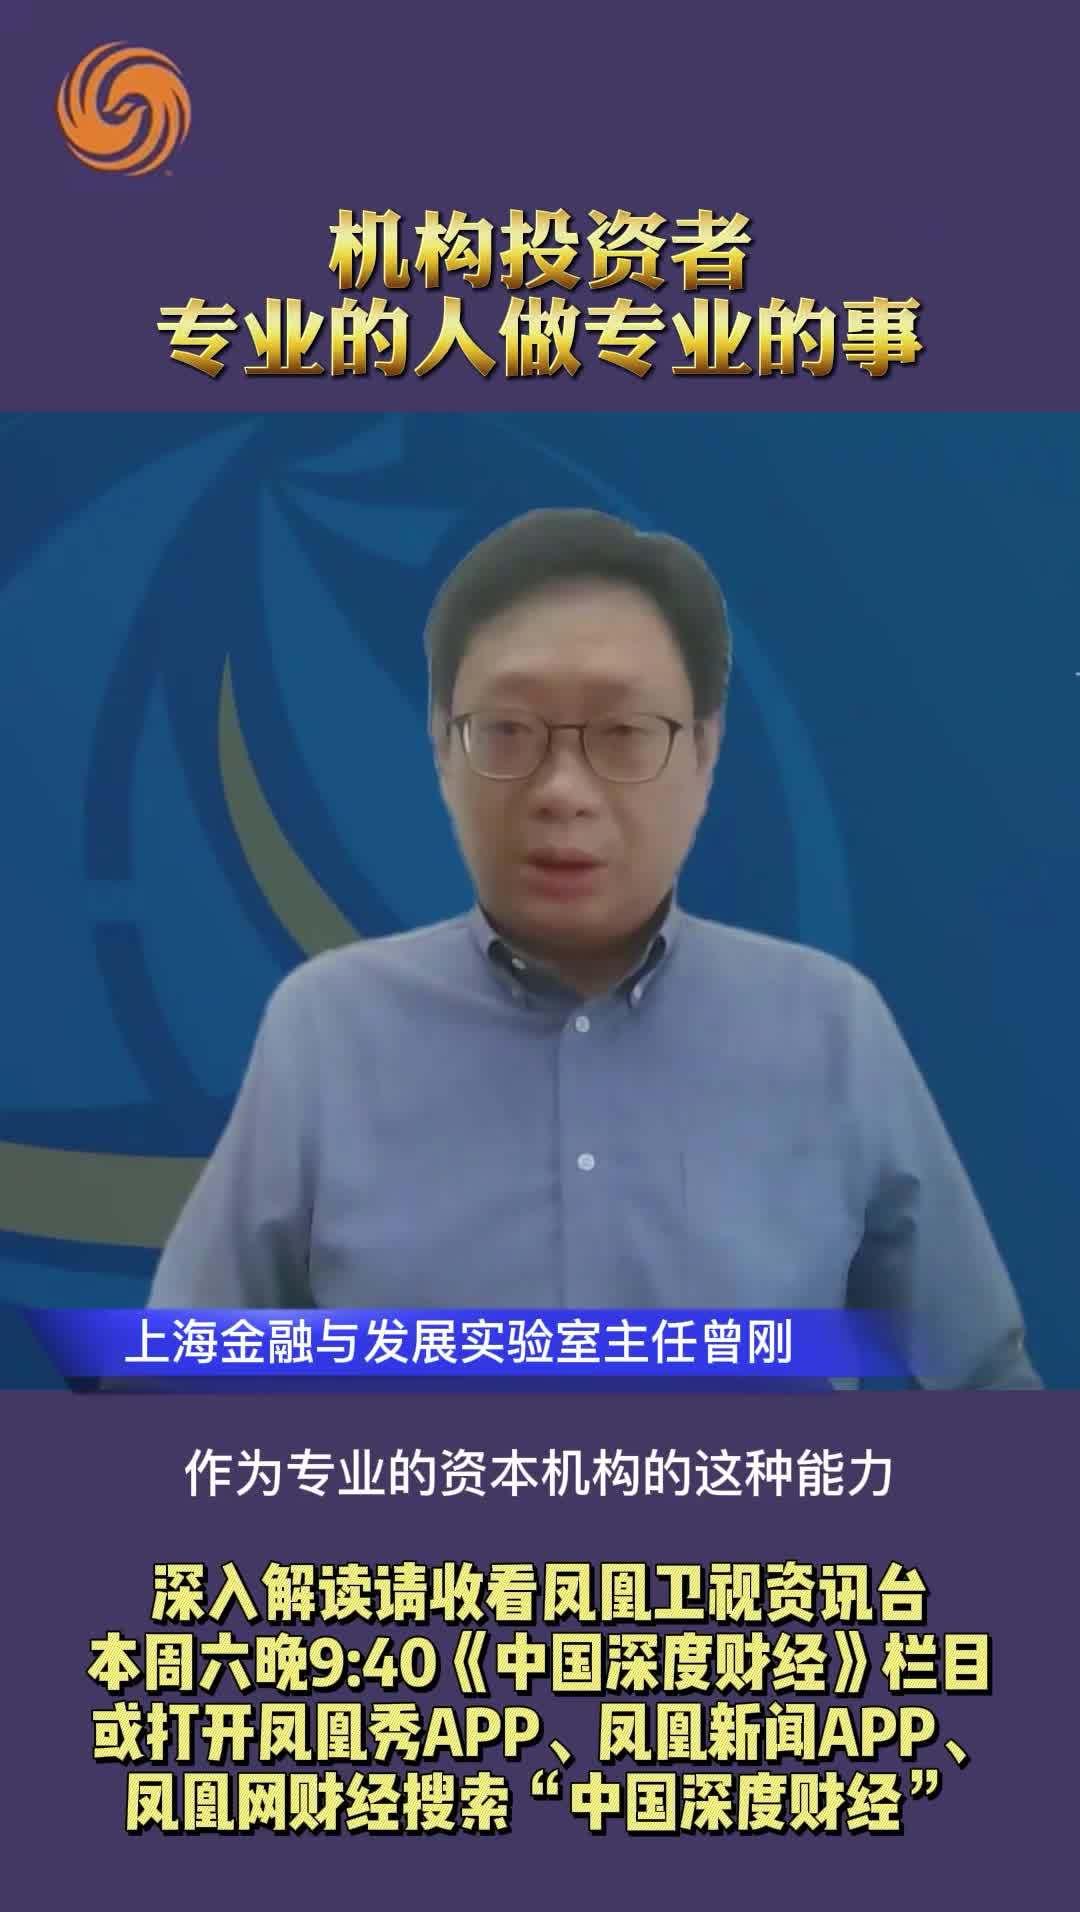 上海金融与发展实验室主任曾刚:机构投资者:专业的人做专业的事